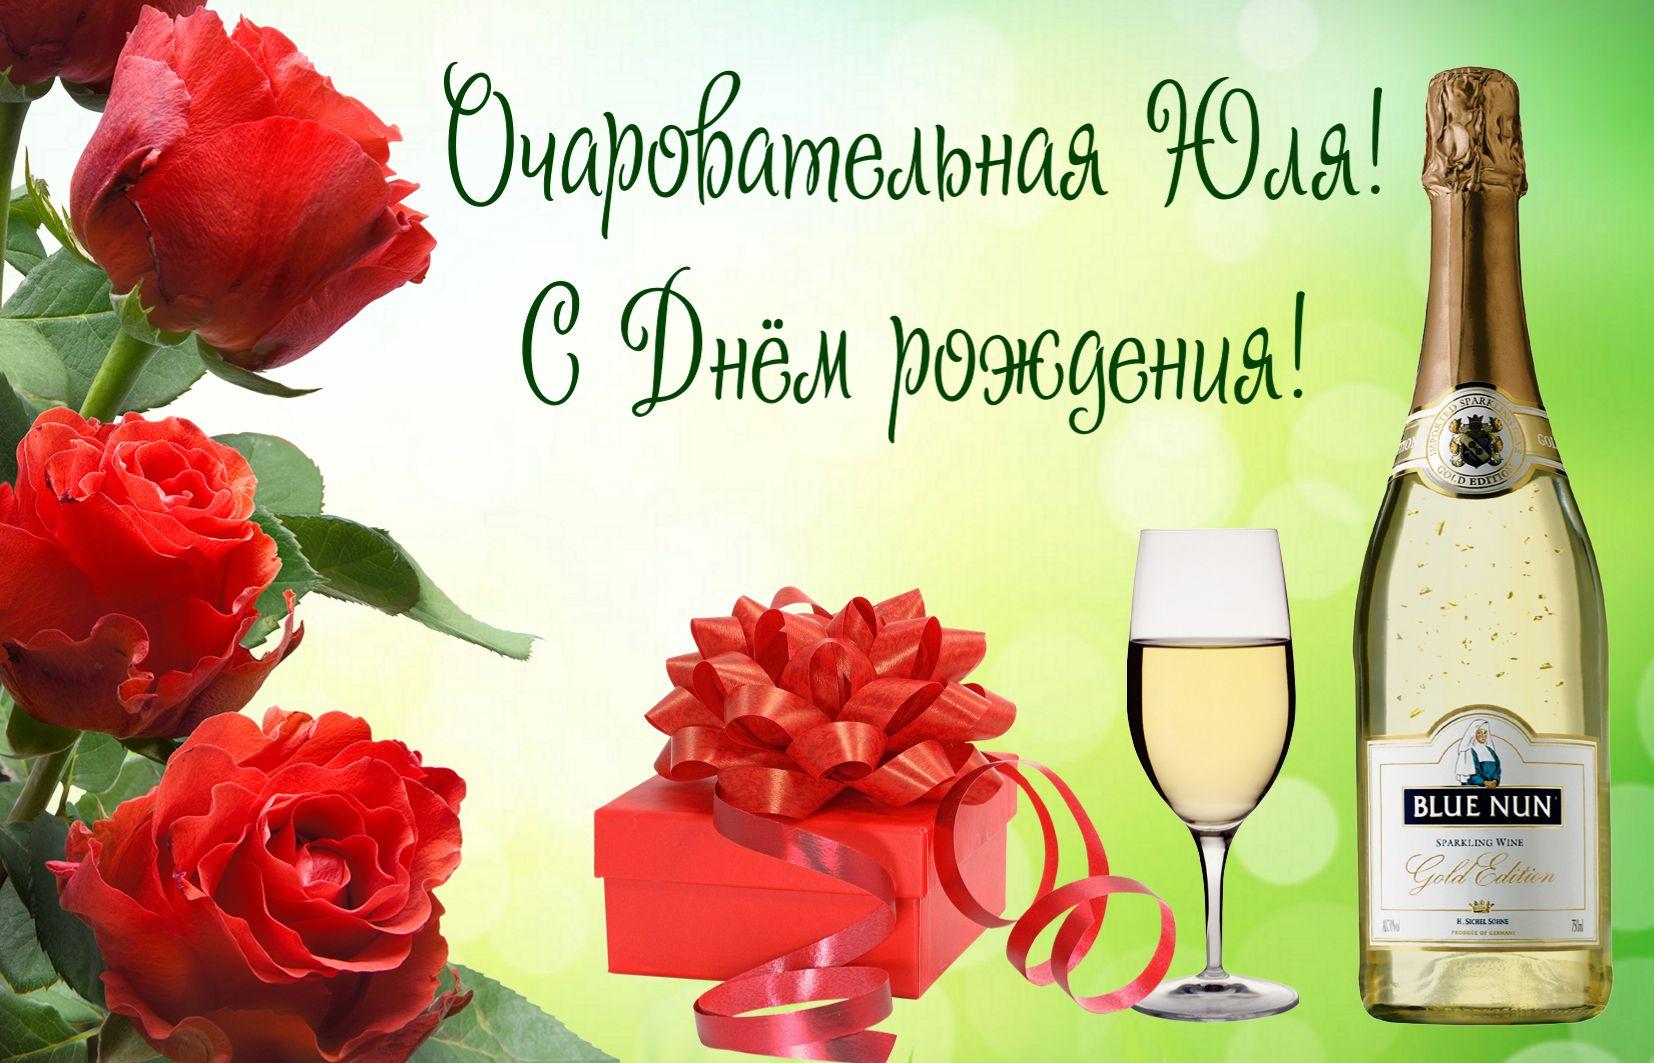 Открытка на День рождения Юлии - шампанское и подарок на красивом фоне